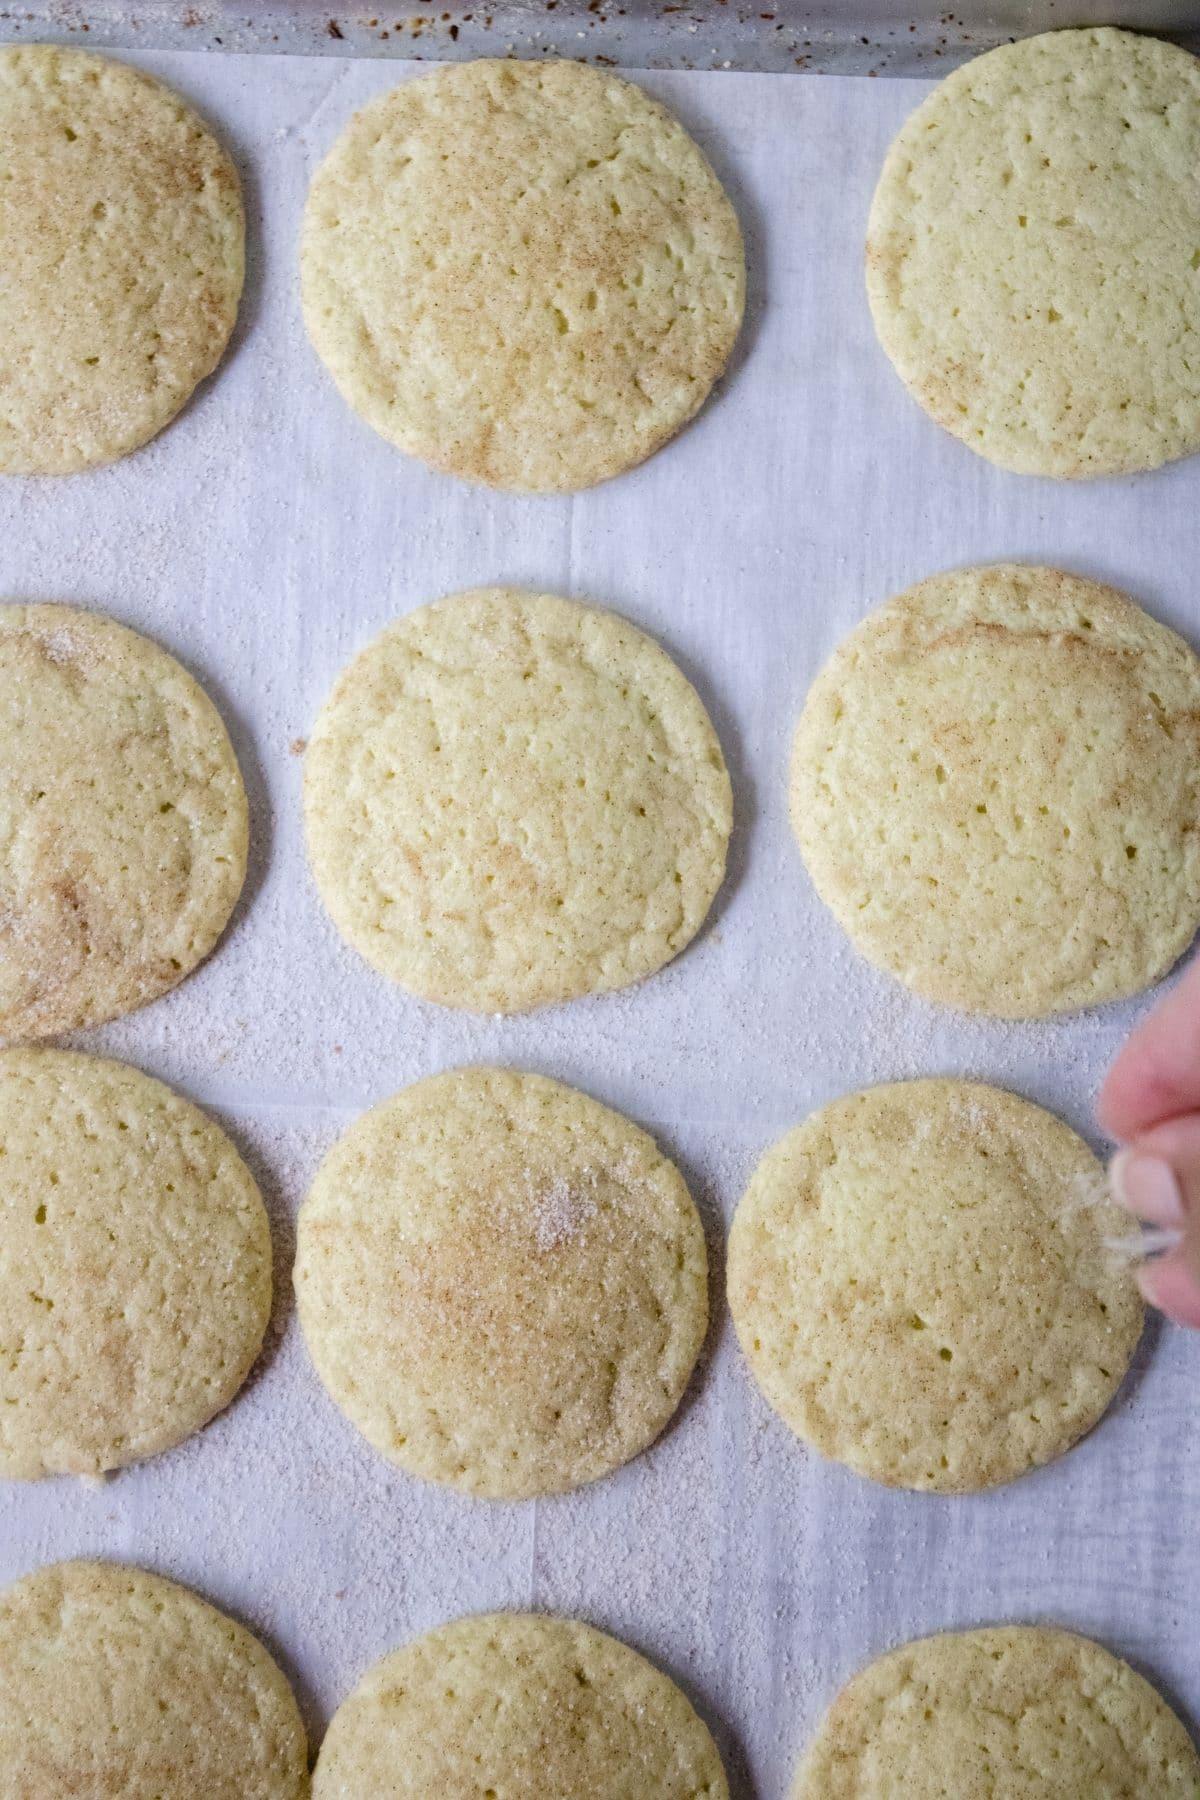 hand sprinkling sugar onto cookies